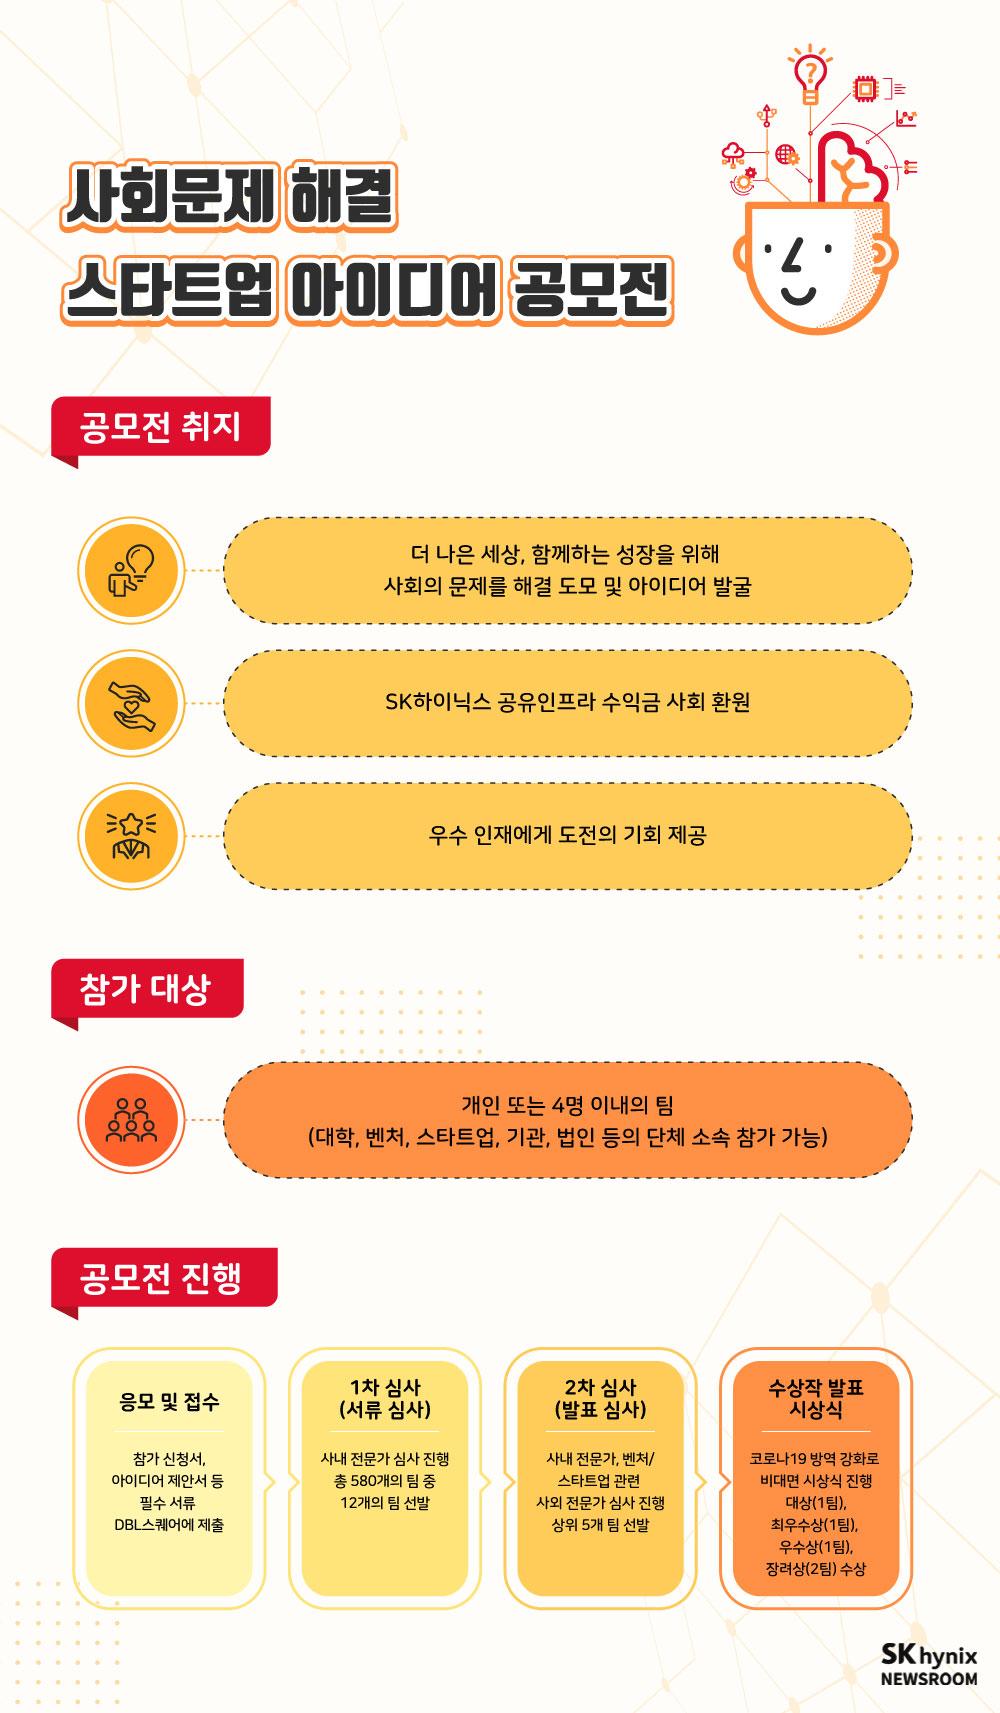 사회문제 해결 스타트업 아이디어 공모전의 취지, 참가대상, 공모전 진행에 대한 인포그래픽